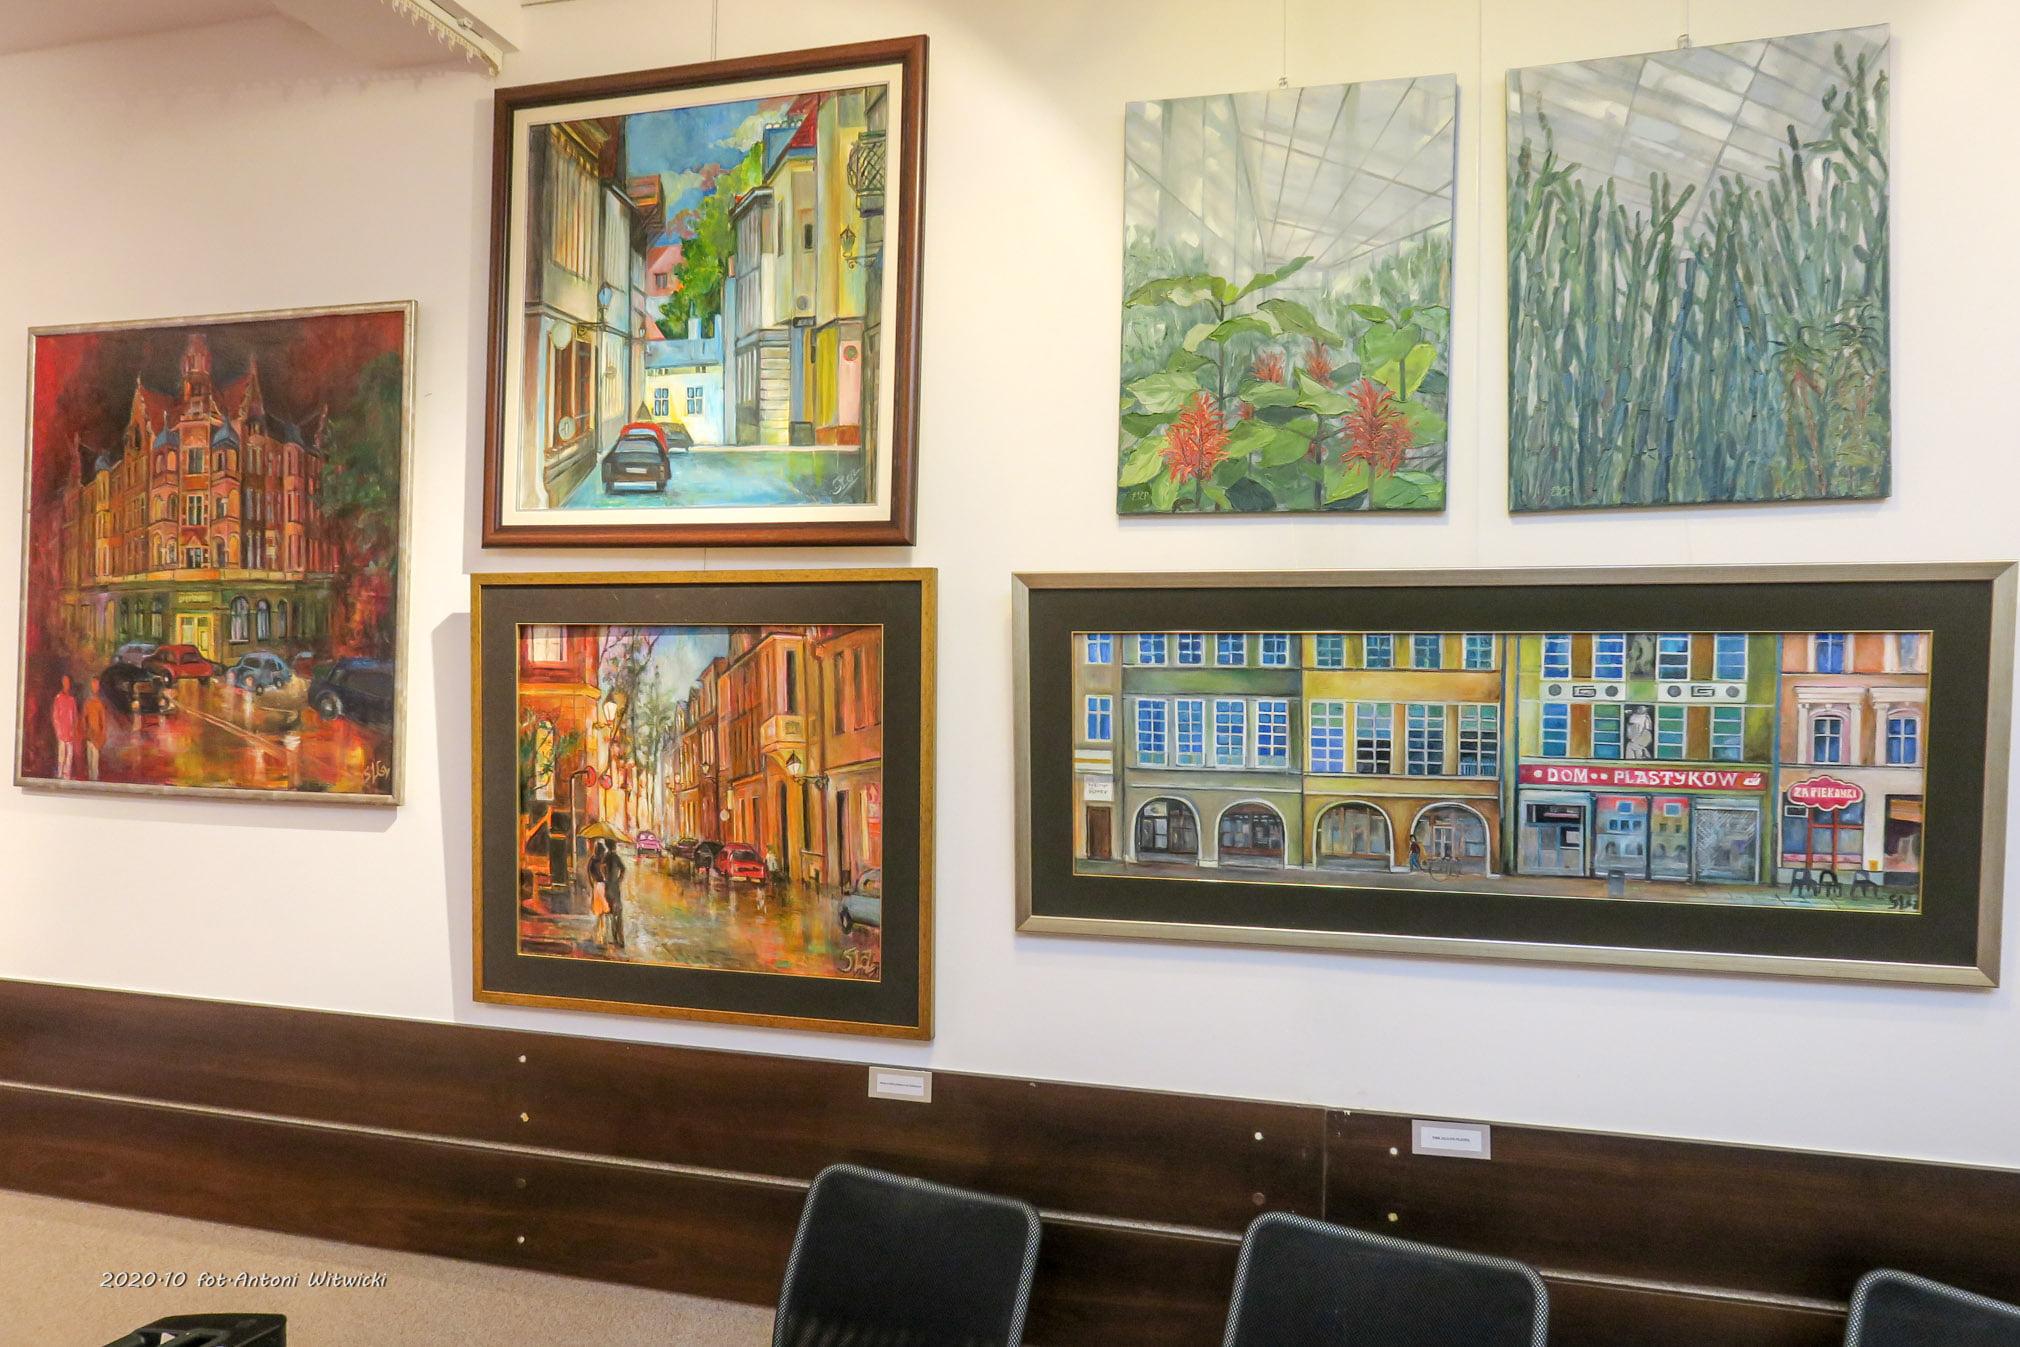 prace przytwierdzone do ściany w galerii